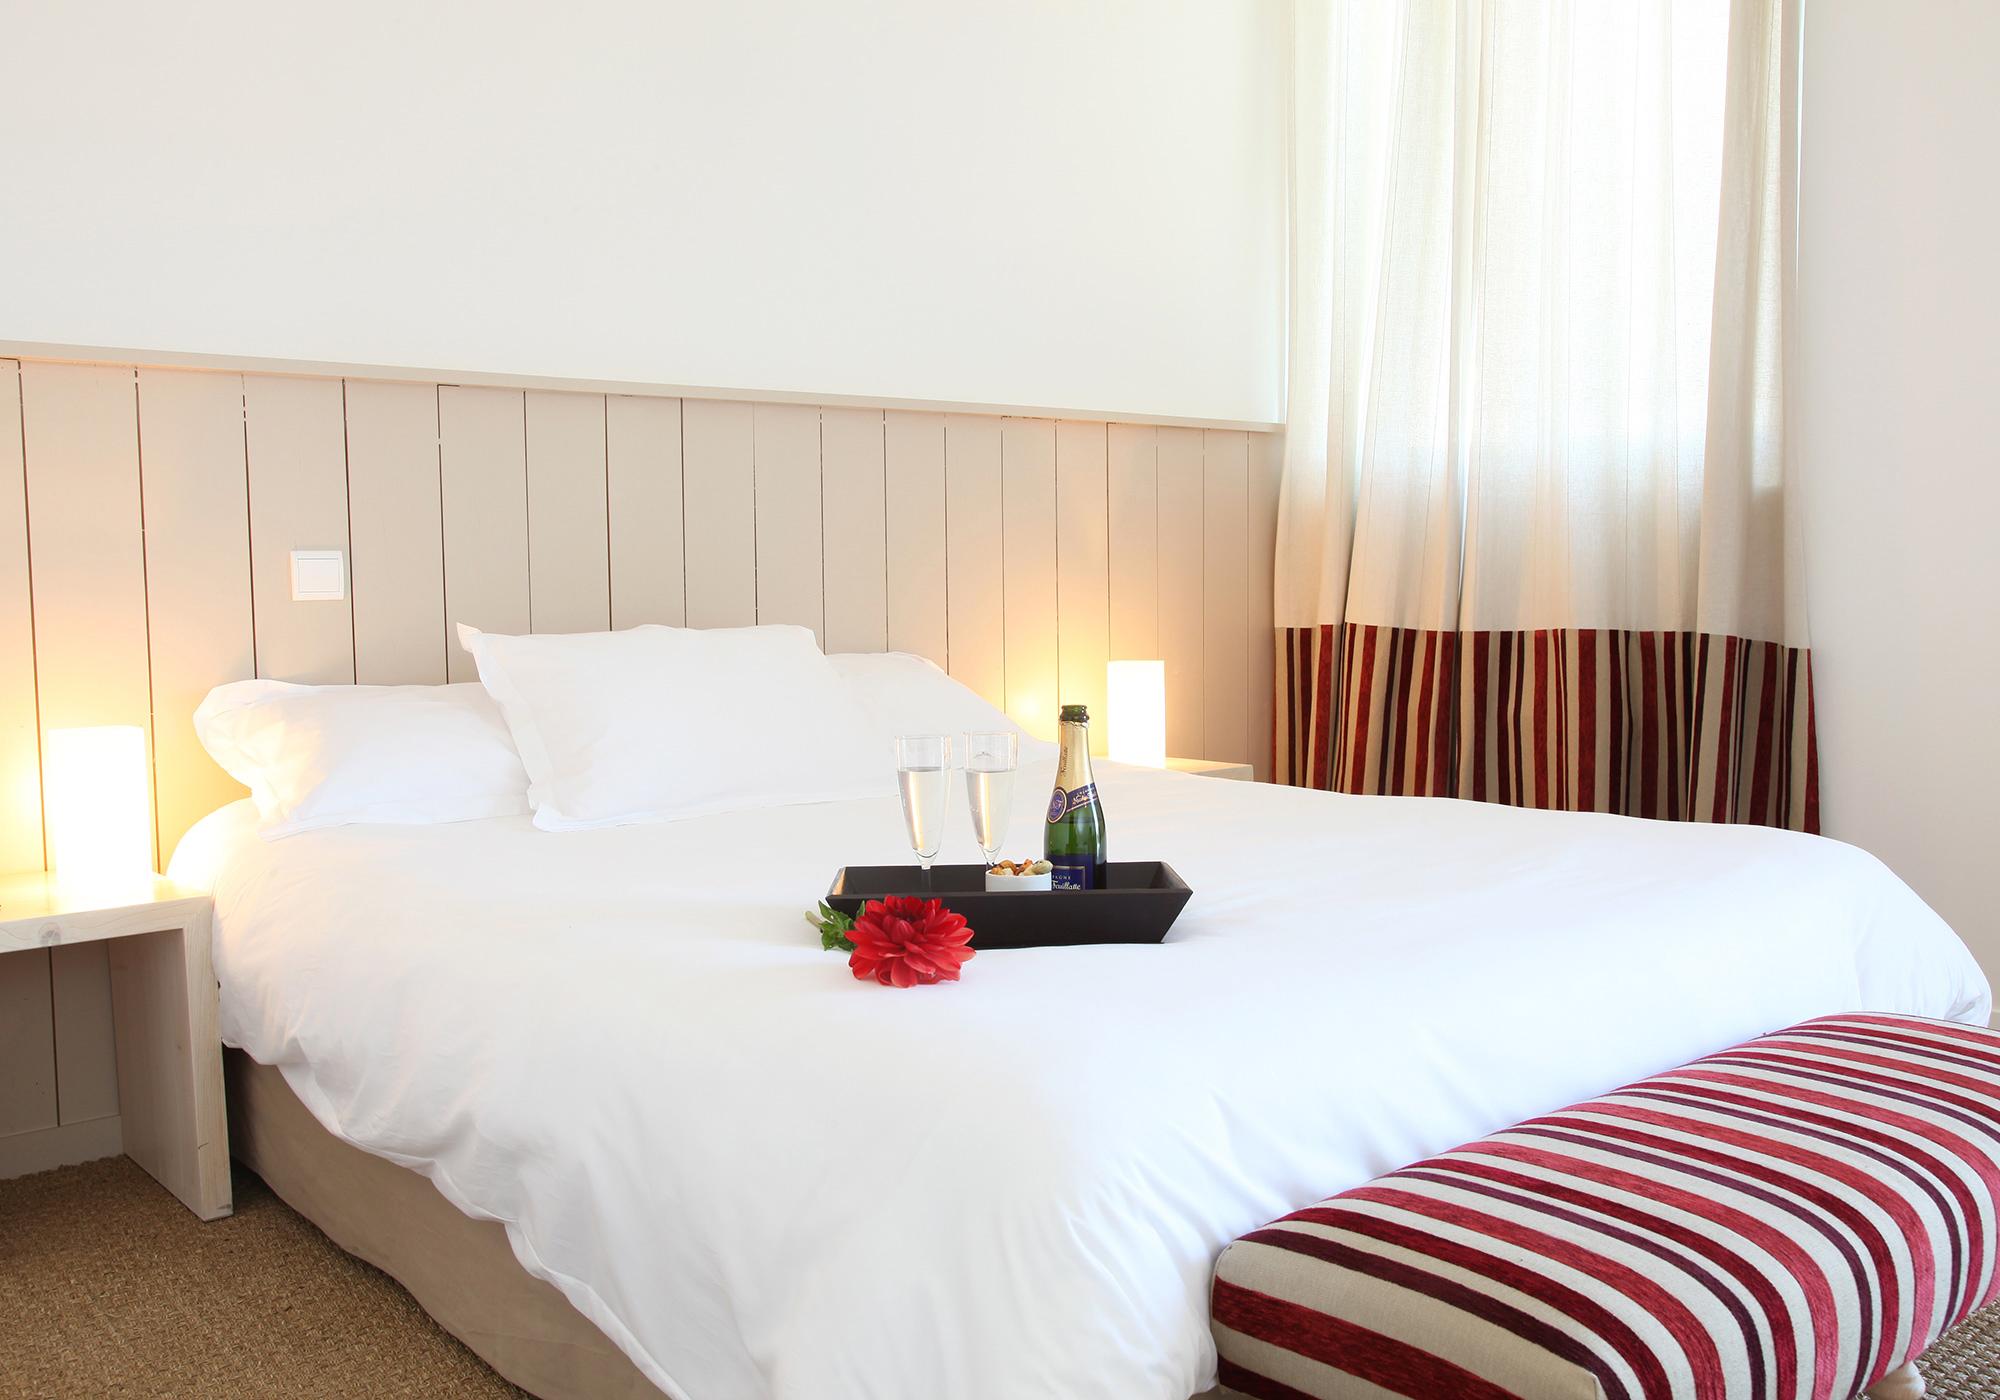 Nuit de noces, Hotel*** Boutique Messanges, Landes, Pays Basque